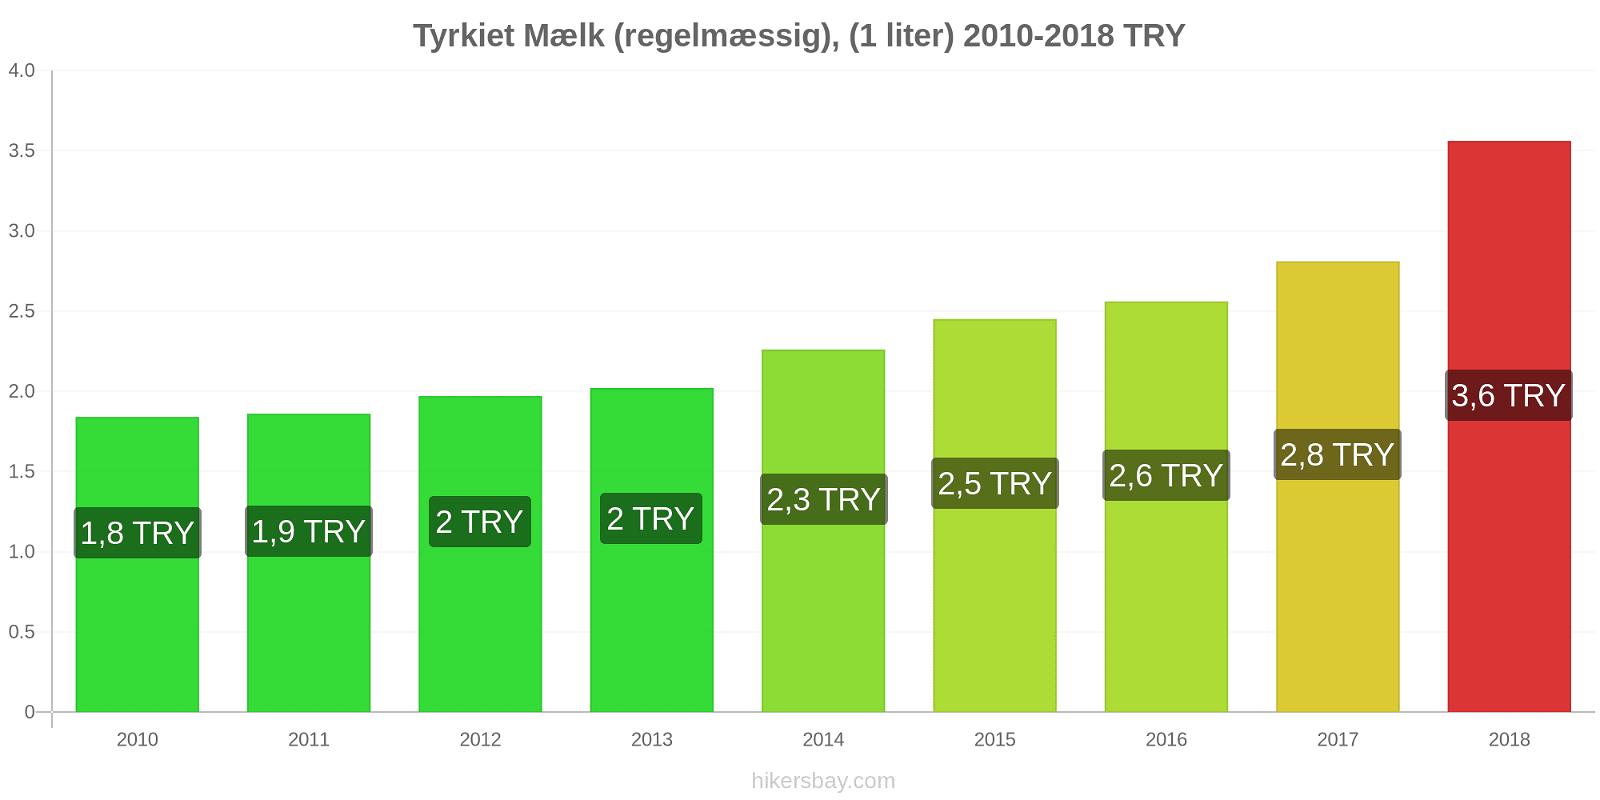 Tyrkiet prisændringer Mælk (regelmæssig), (1 liter) hikersbay.com